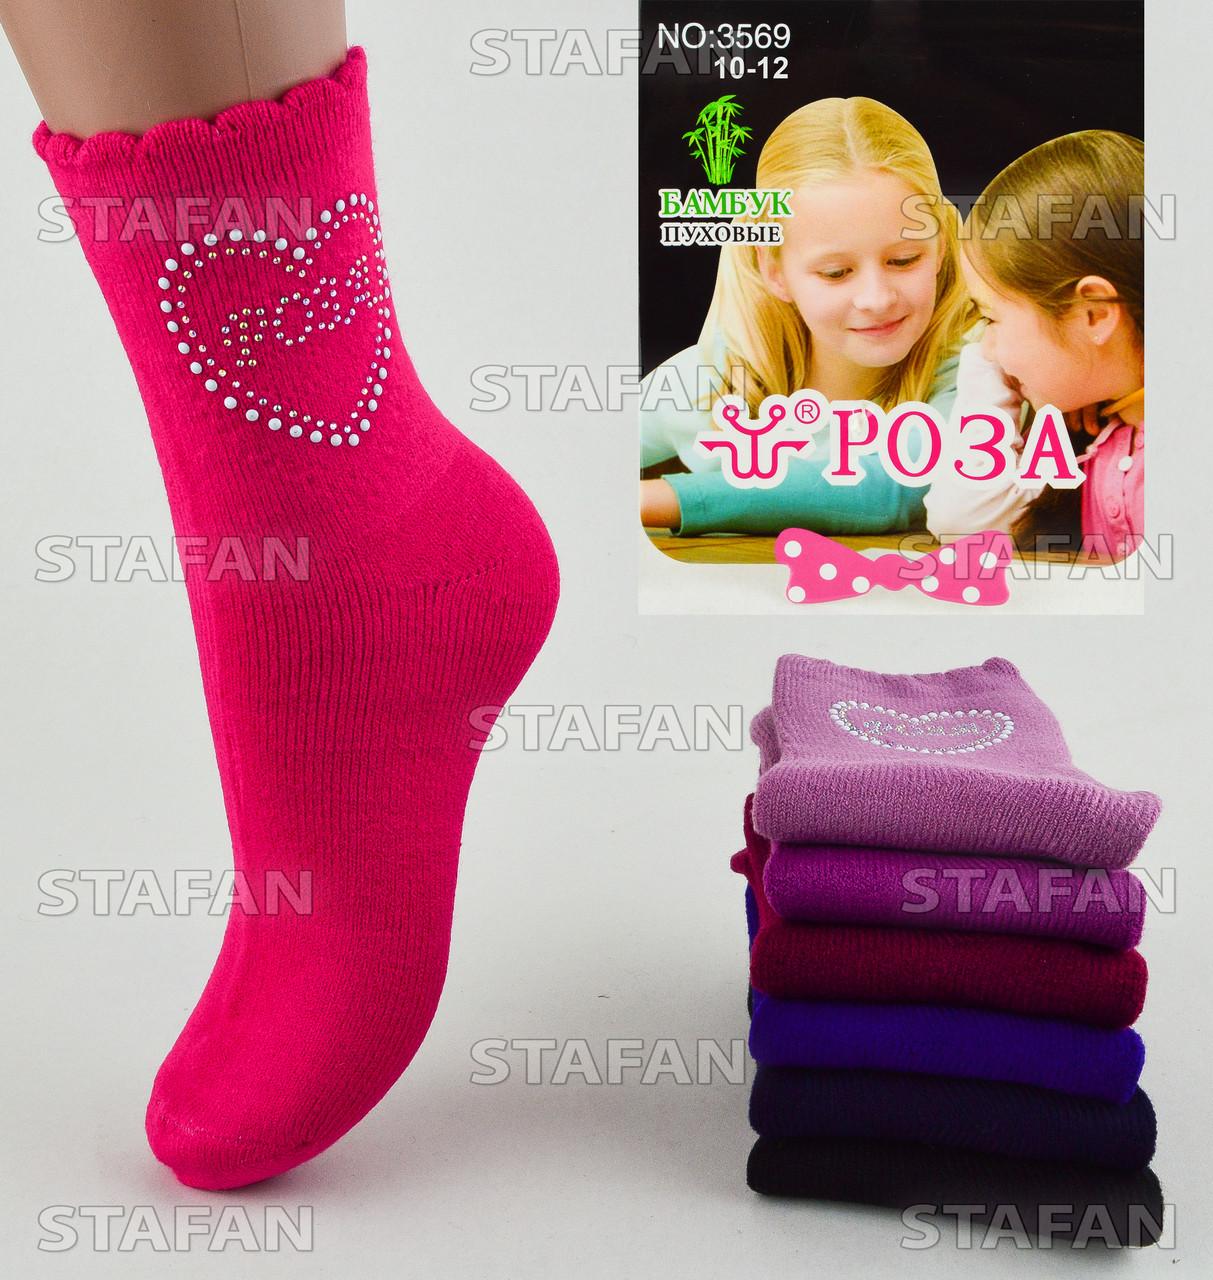 Детские пуховые носочки с камушками Roza 3569 10-12. В упаковке 12 пар